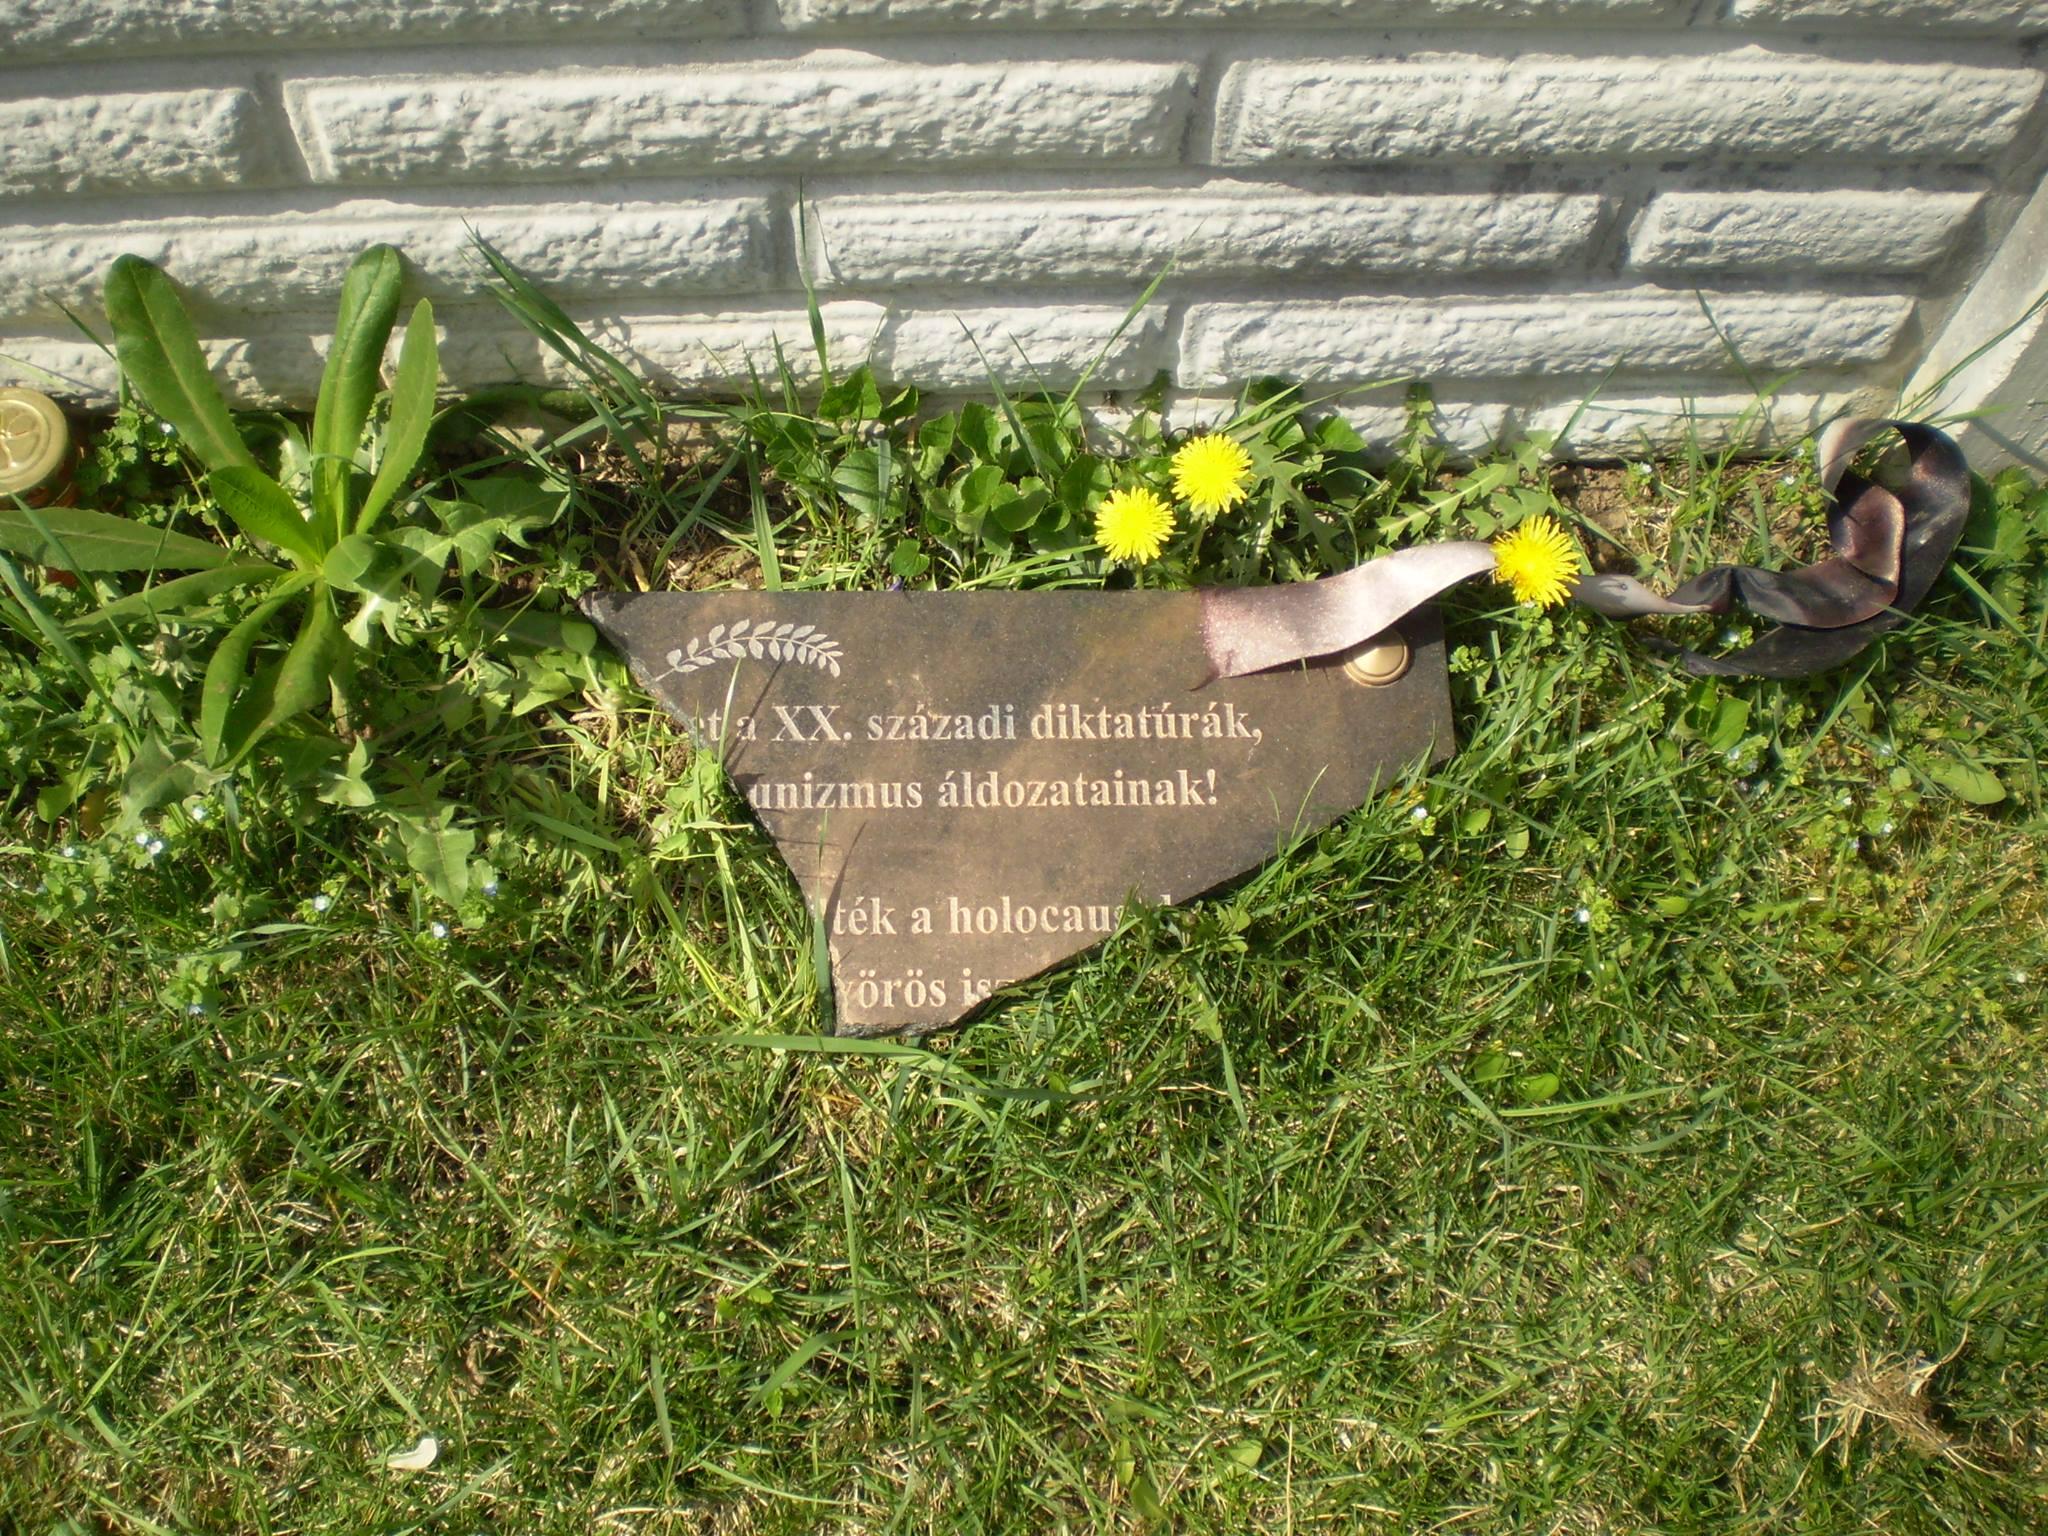 A KDNP tiltakozik a csömöri temetőben megrongált holokauszt emléktáblák miatt